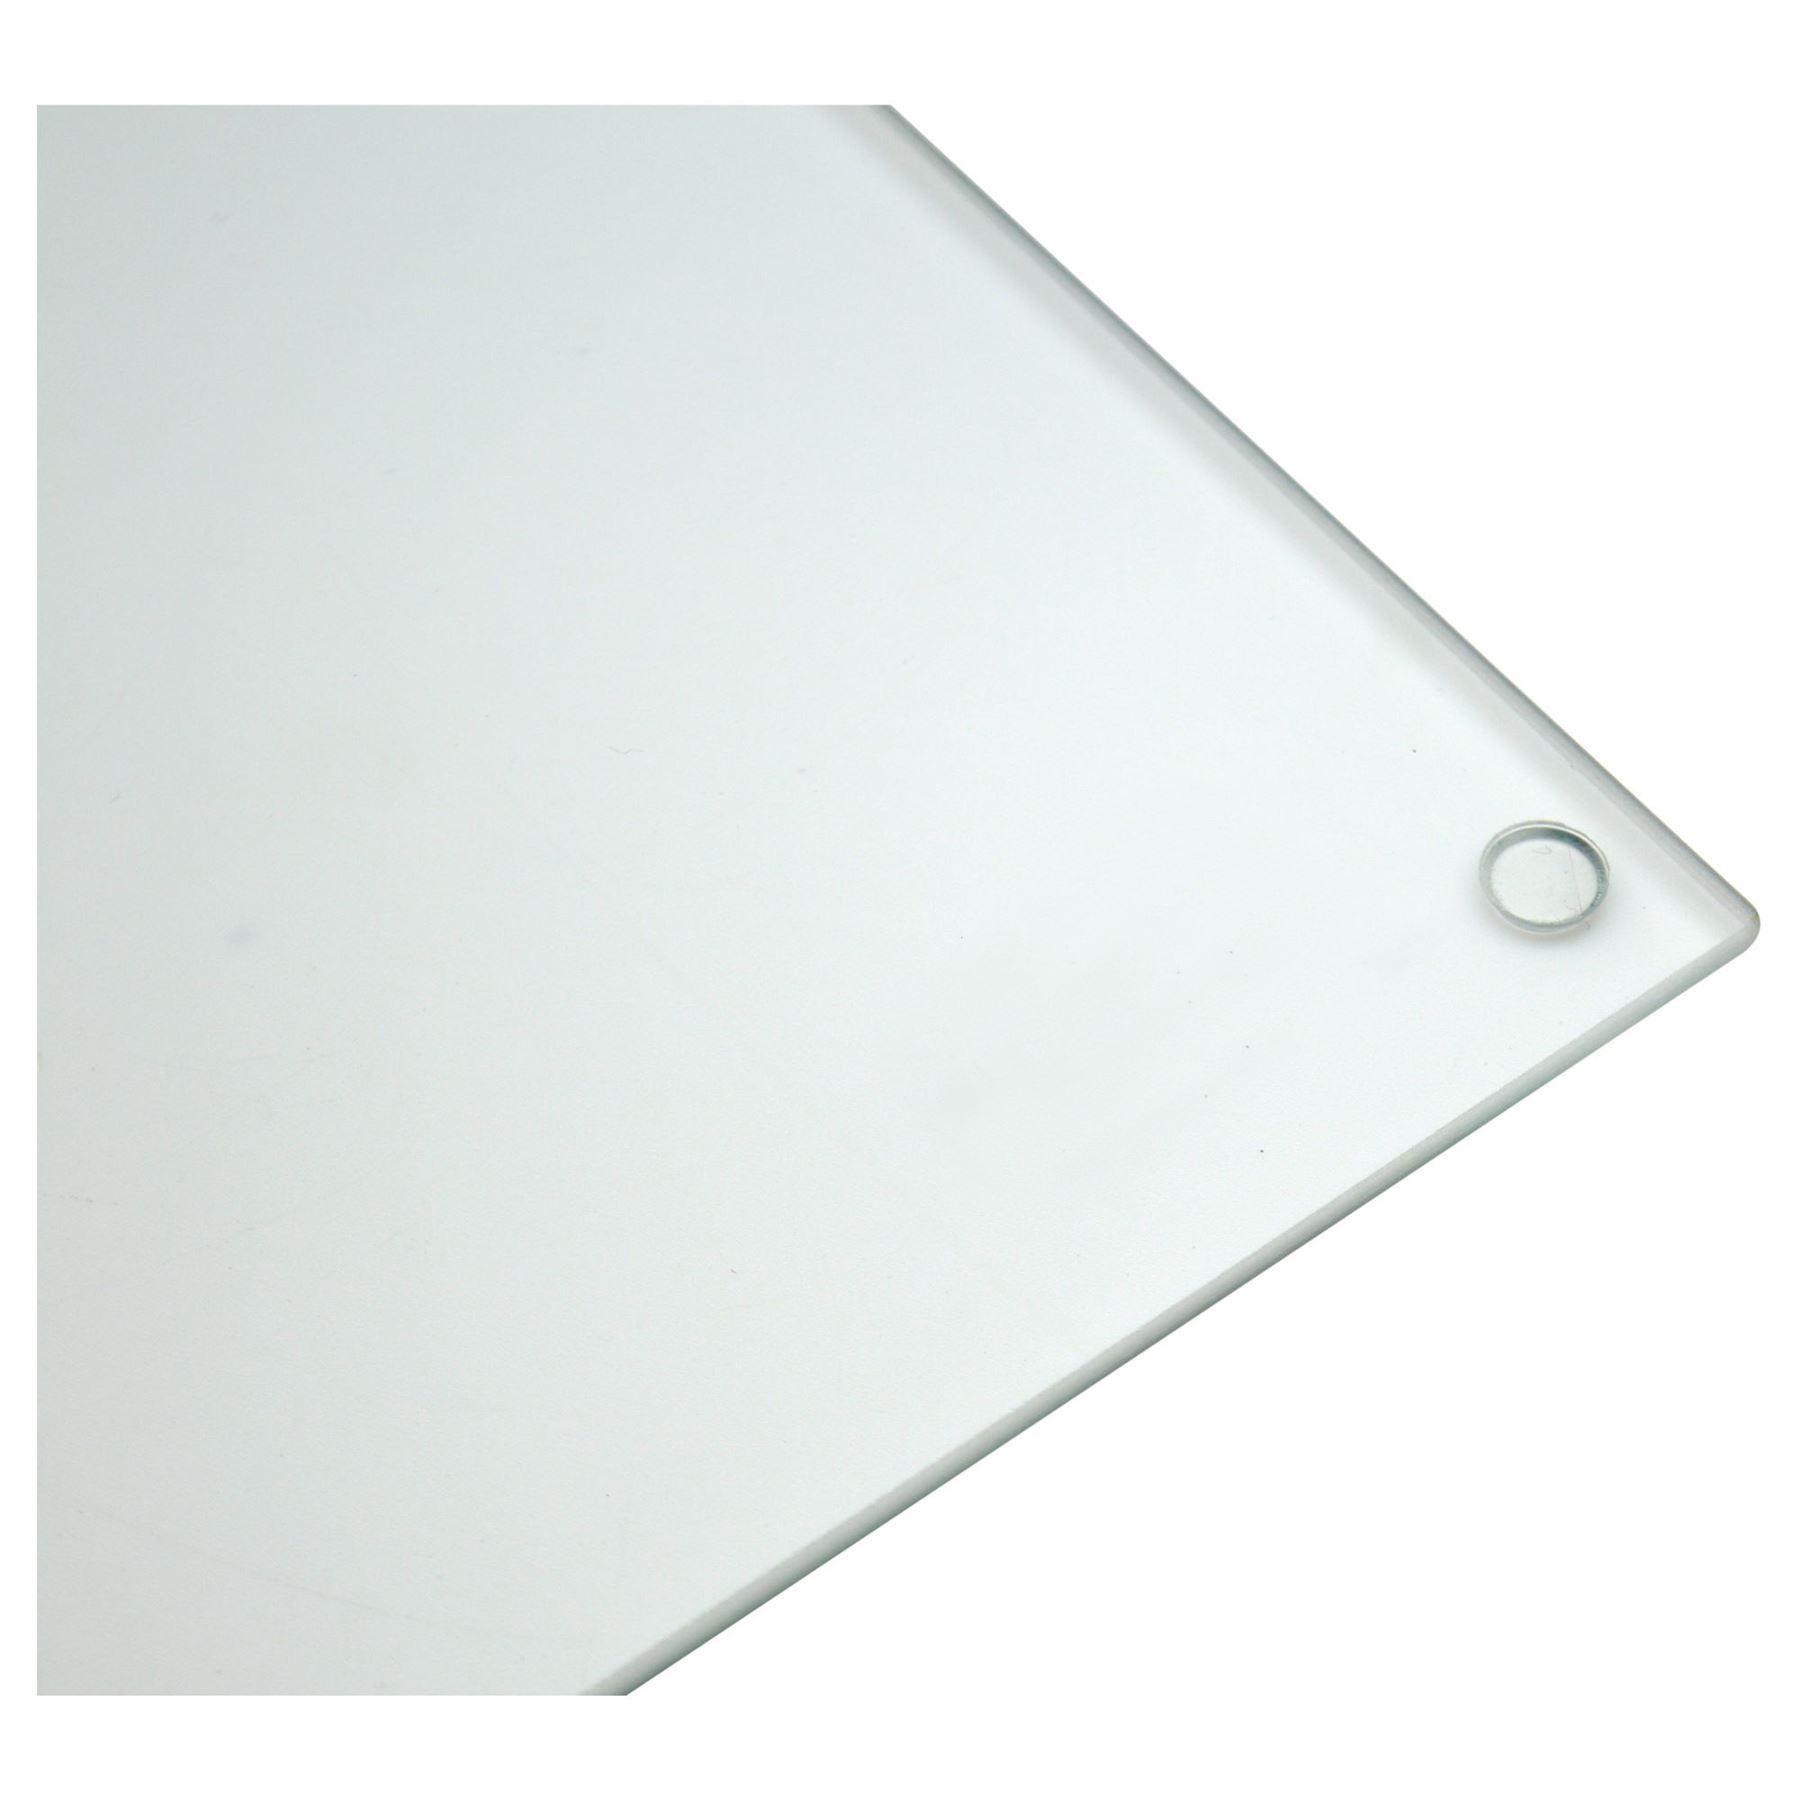 LED Nachtlicht//Orientierungsleuchte mit Dämmerungssensor 4x 0,8W